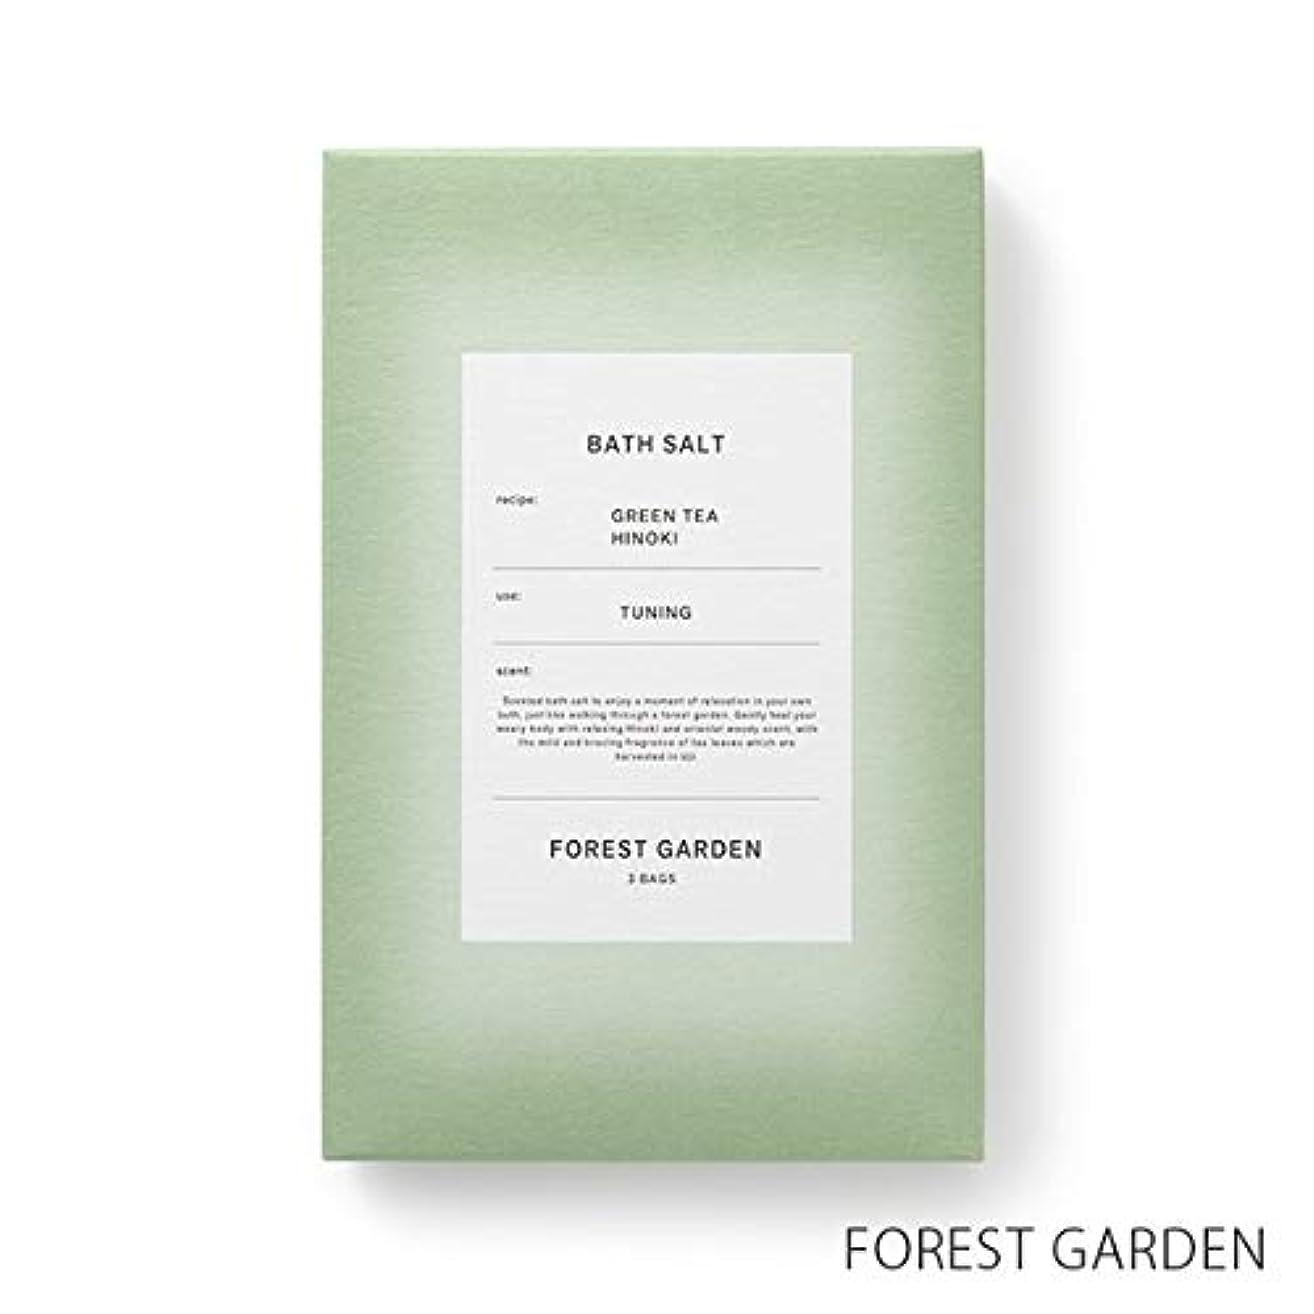 言う精緻化要旨【薫玉堂】 バスソルト FOREST GARDEN 森の庭 緑 和 宇治茶の香り